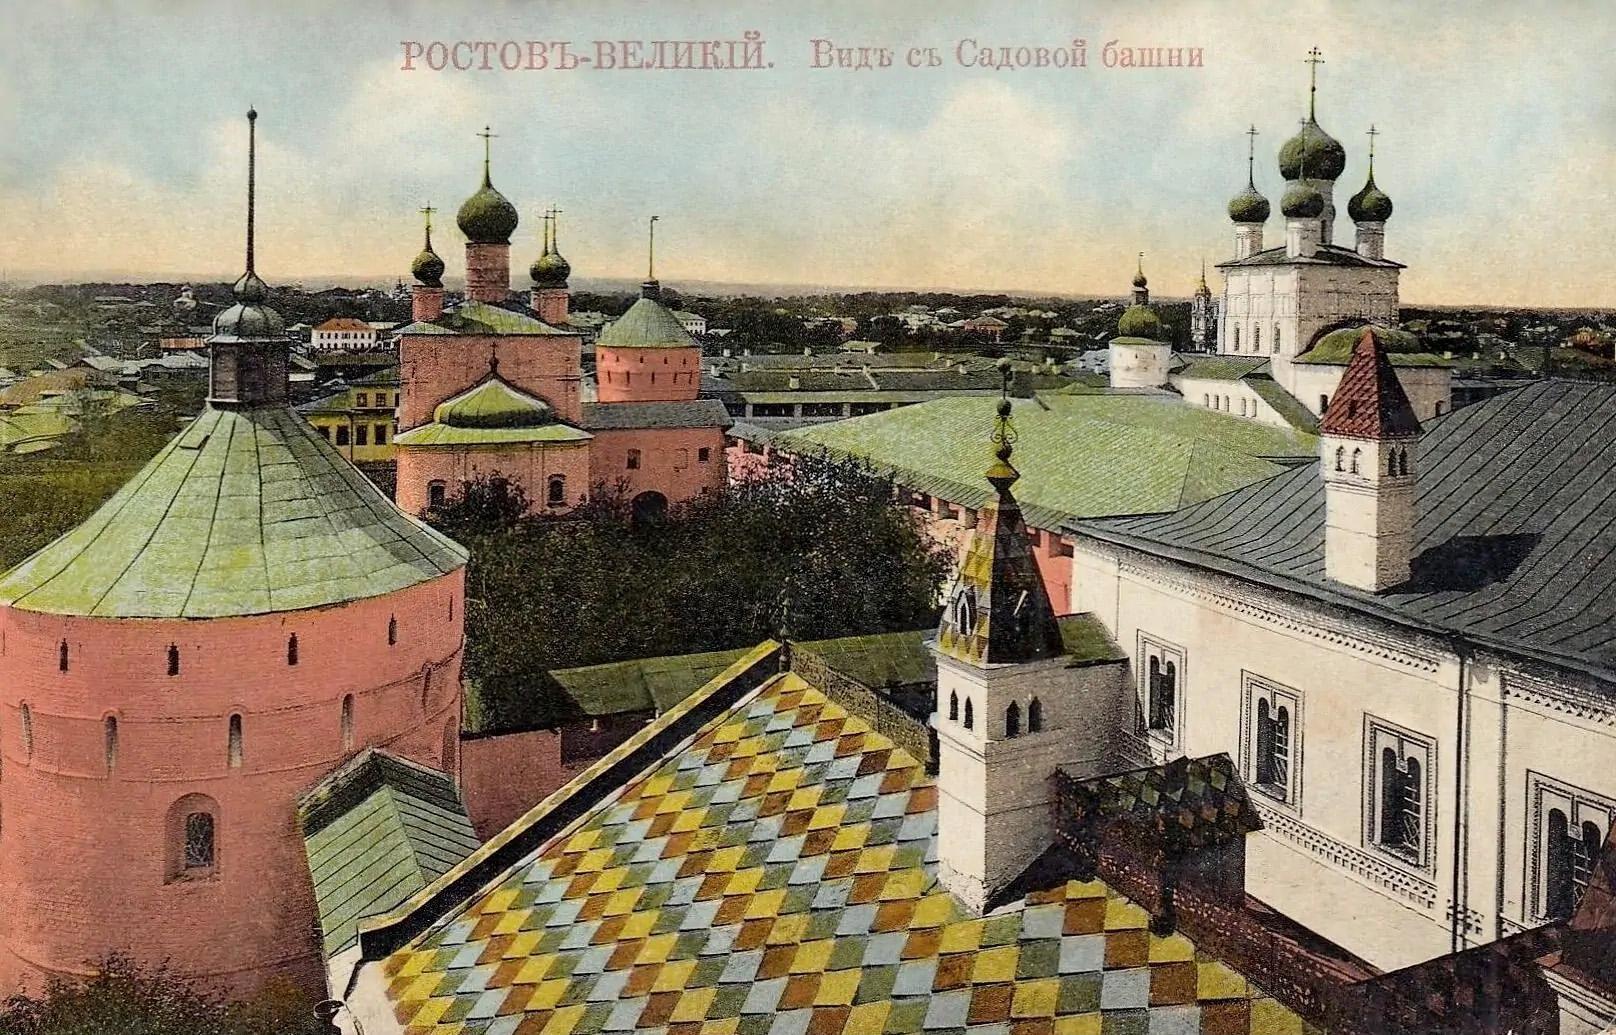 Ростов. Вид с Садовой башни